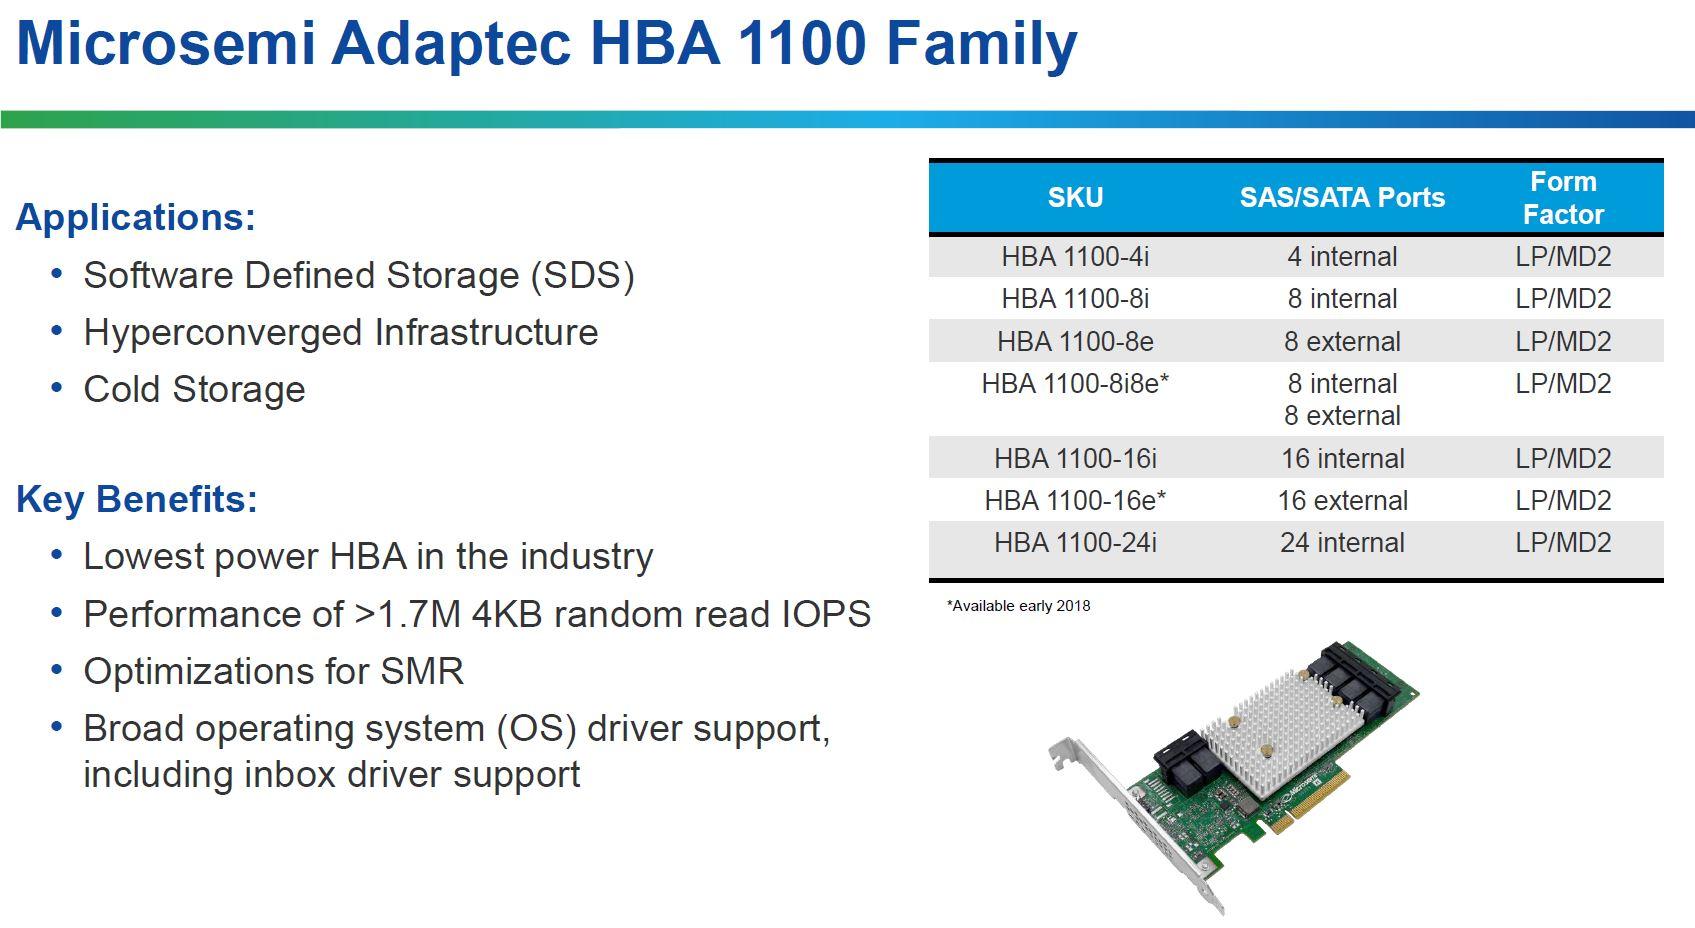 Microsemi Adaptec HBA 1100 Family